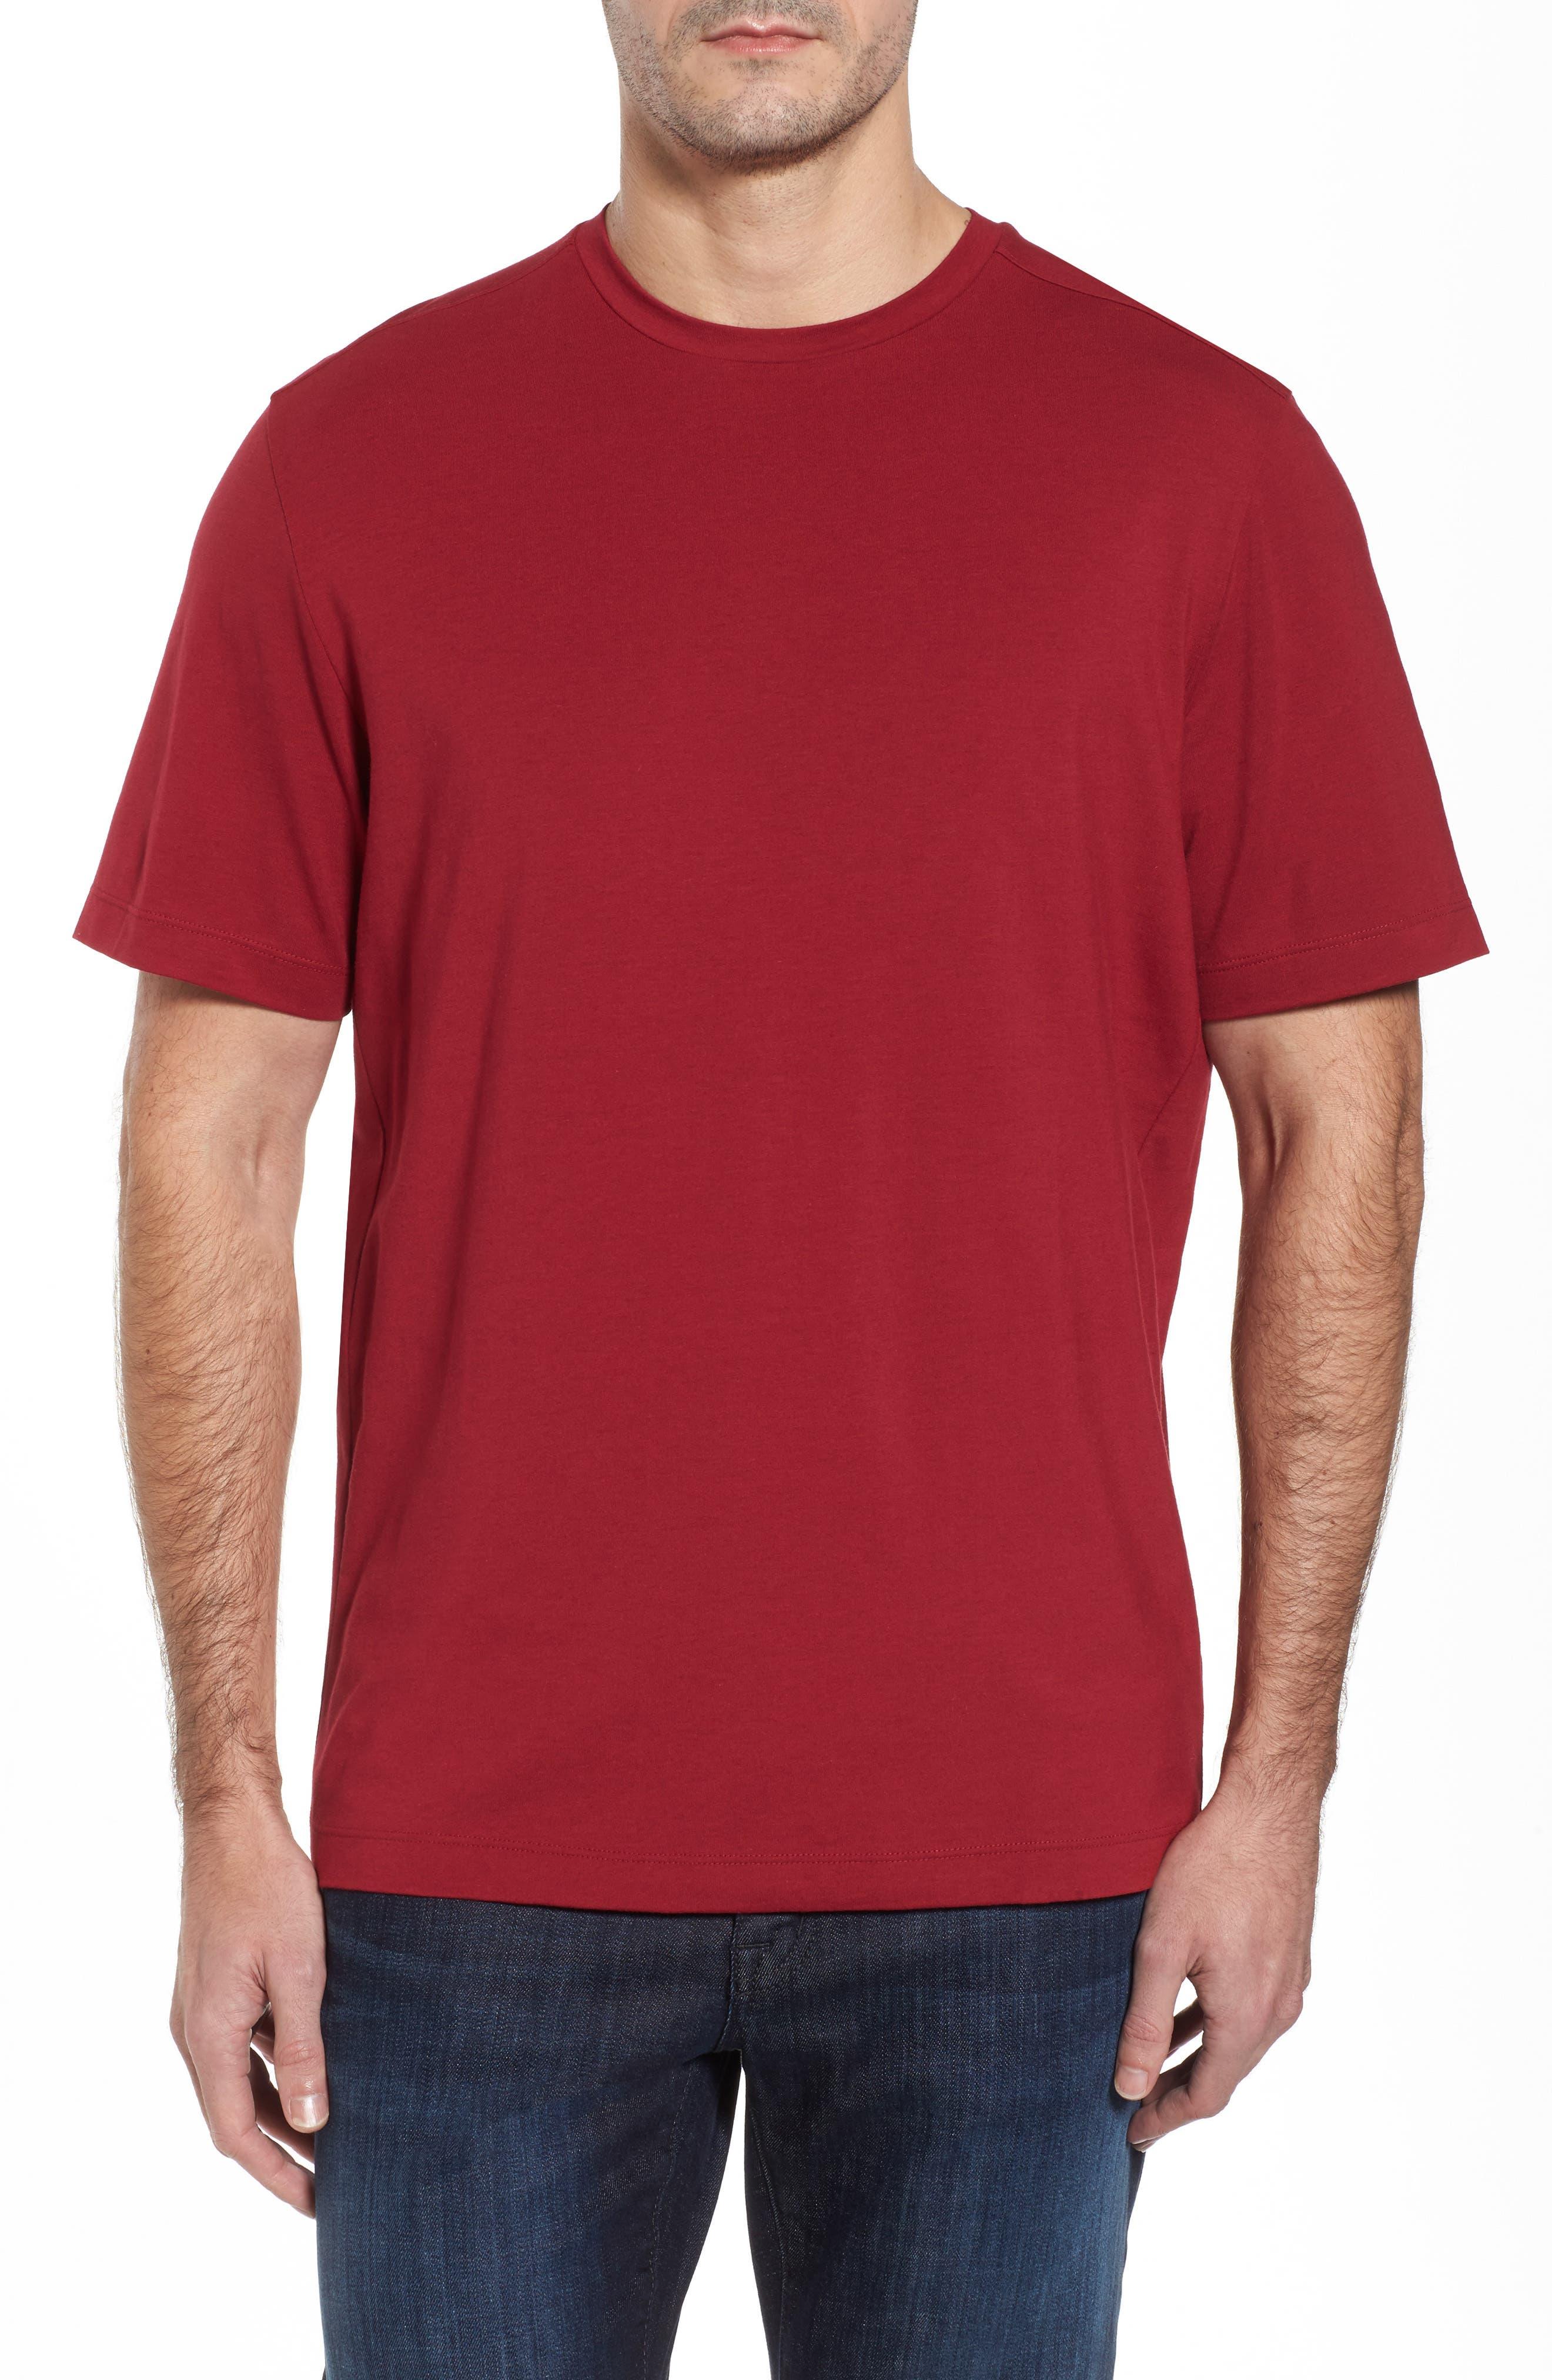 Tropicool T-Shirt,                         Main,                         color, Rhumba